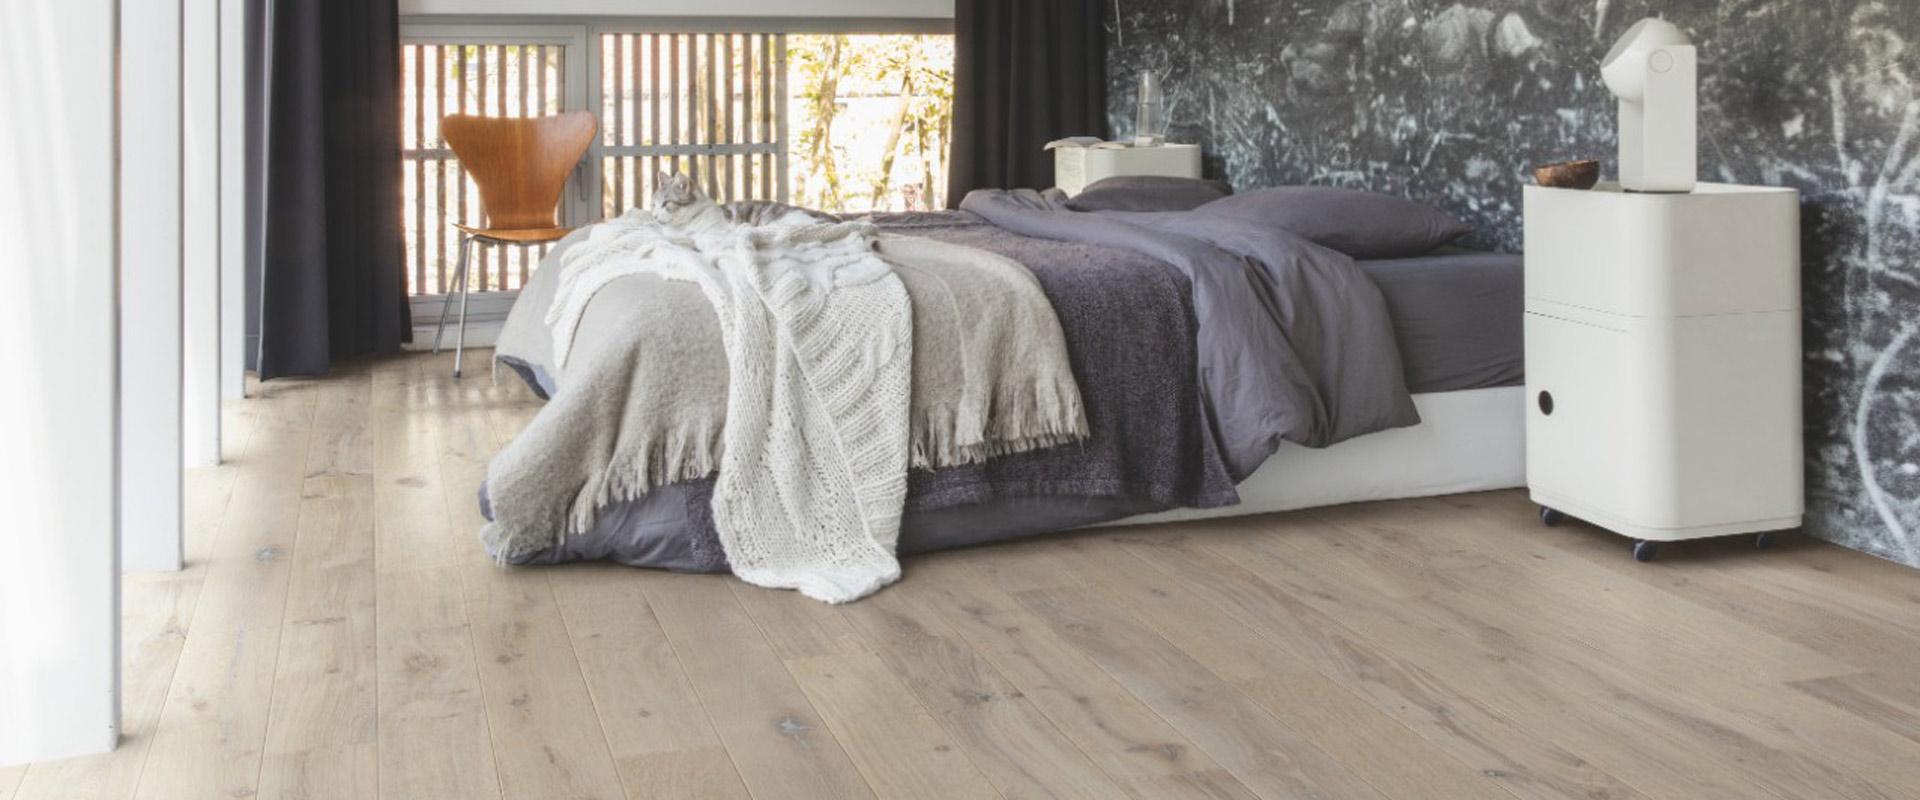 Ideeën-voor-slaapkamer-vloeren-bijvoorbeeld-een-houten-slaapkamervloer-van-Vloerenland